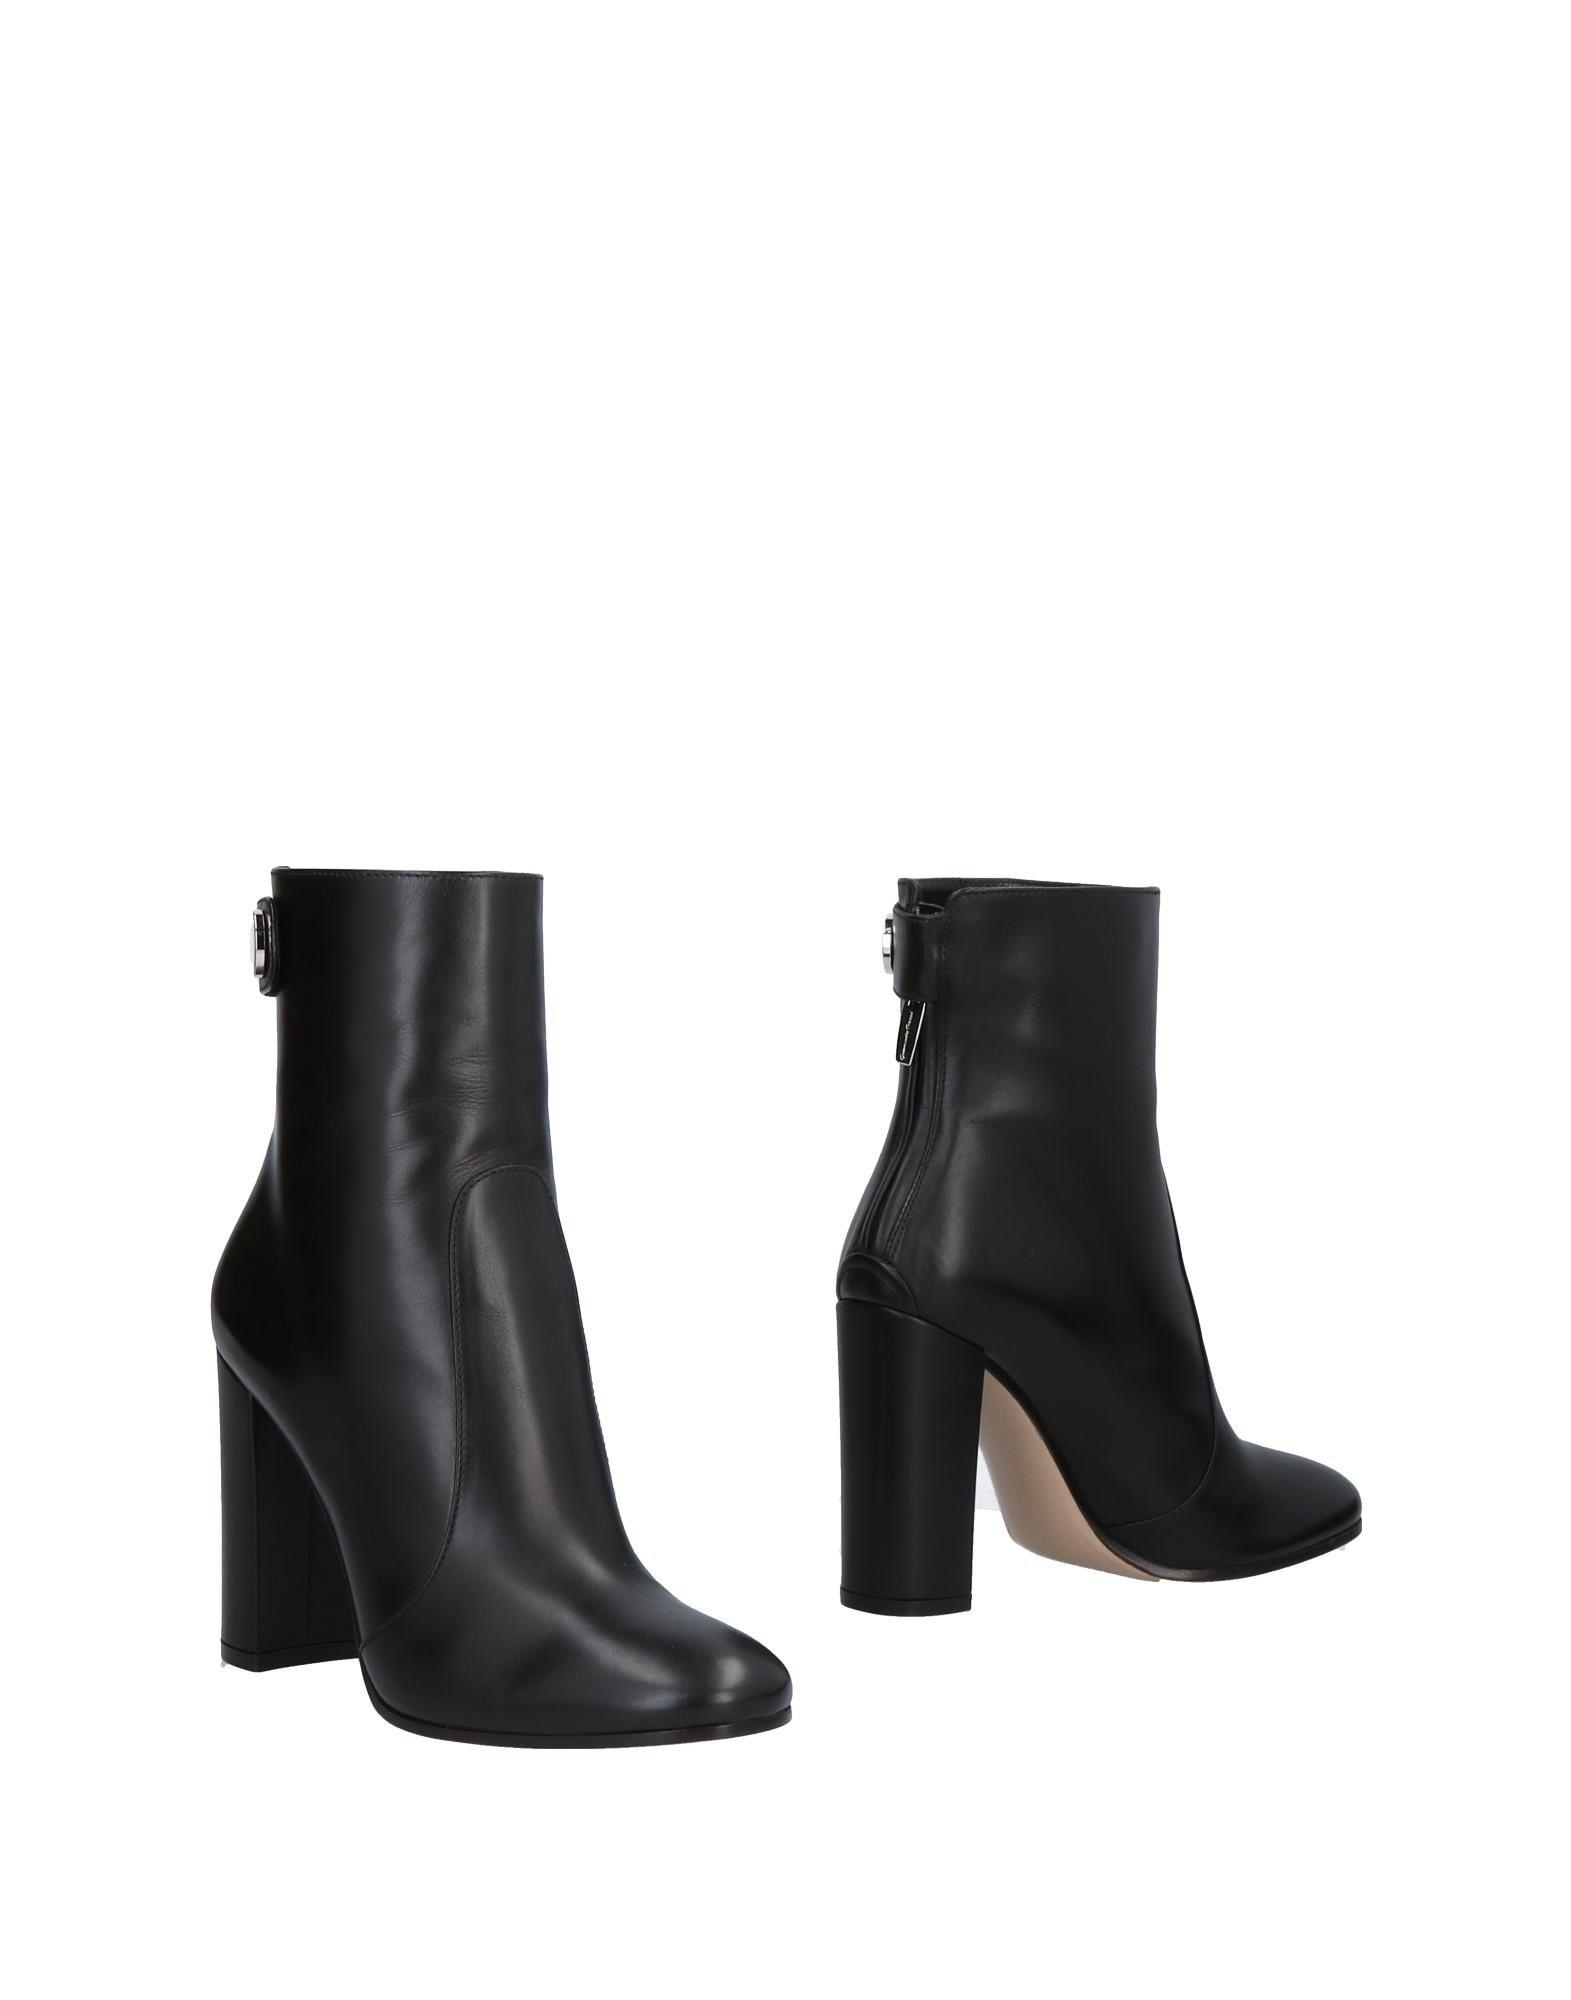 Gianvito Rossi Stiefelette Damen  11492327NKGünstige gut aussehende Schuhe